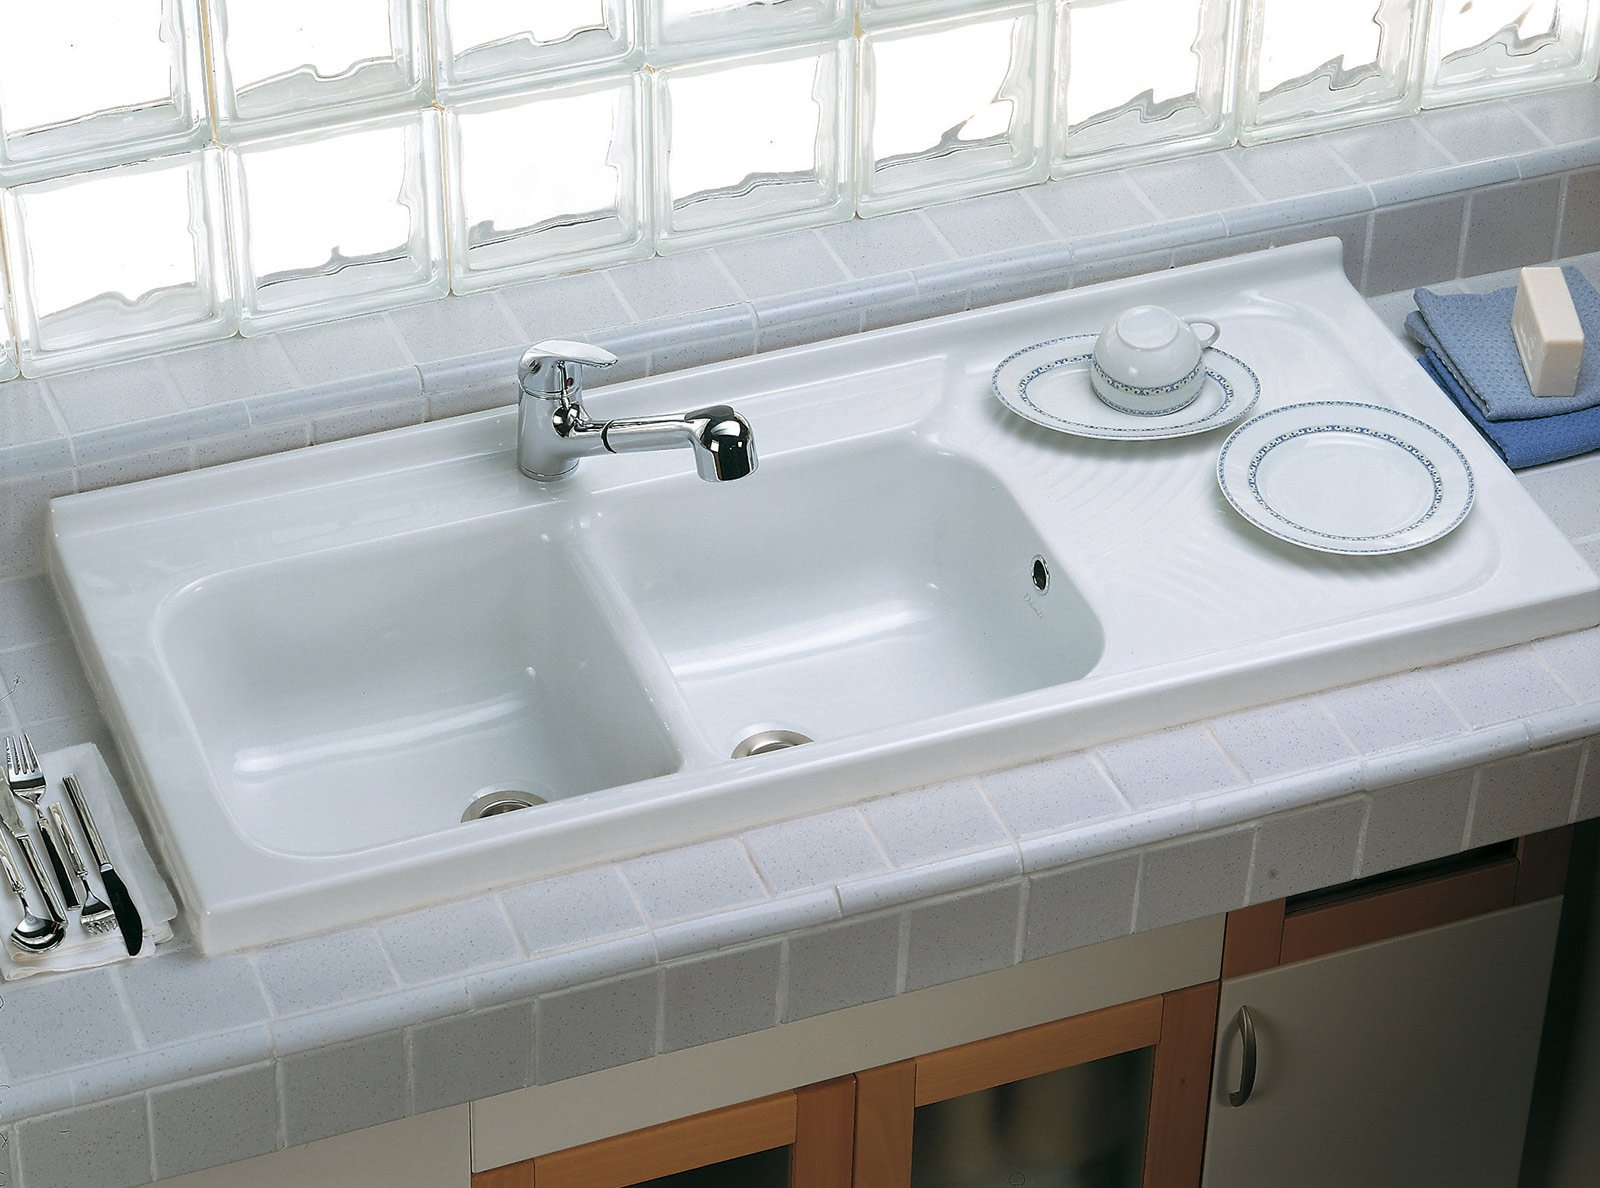 Casa immobiliare accessori lavelli da cucina in pietra - Lavelli cucina in pietra ...